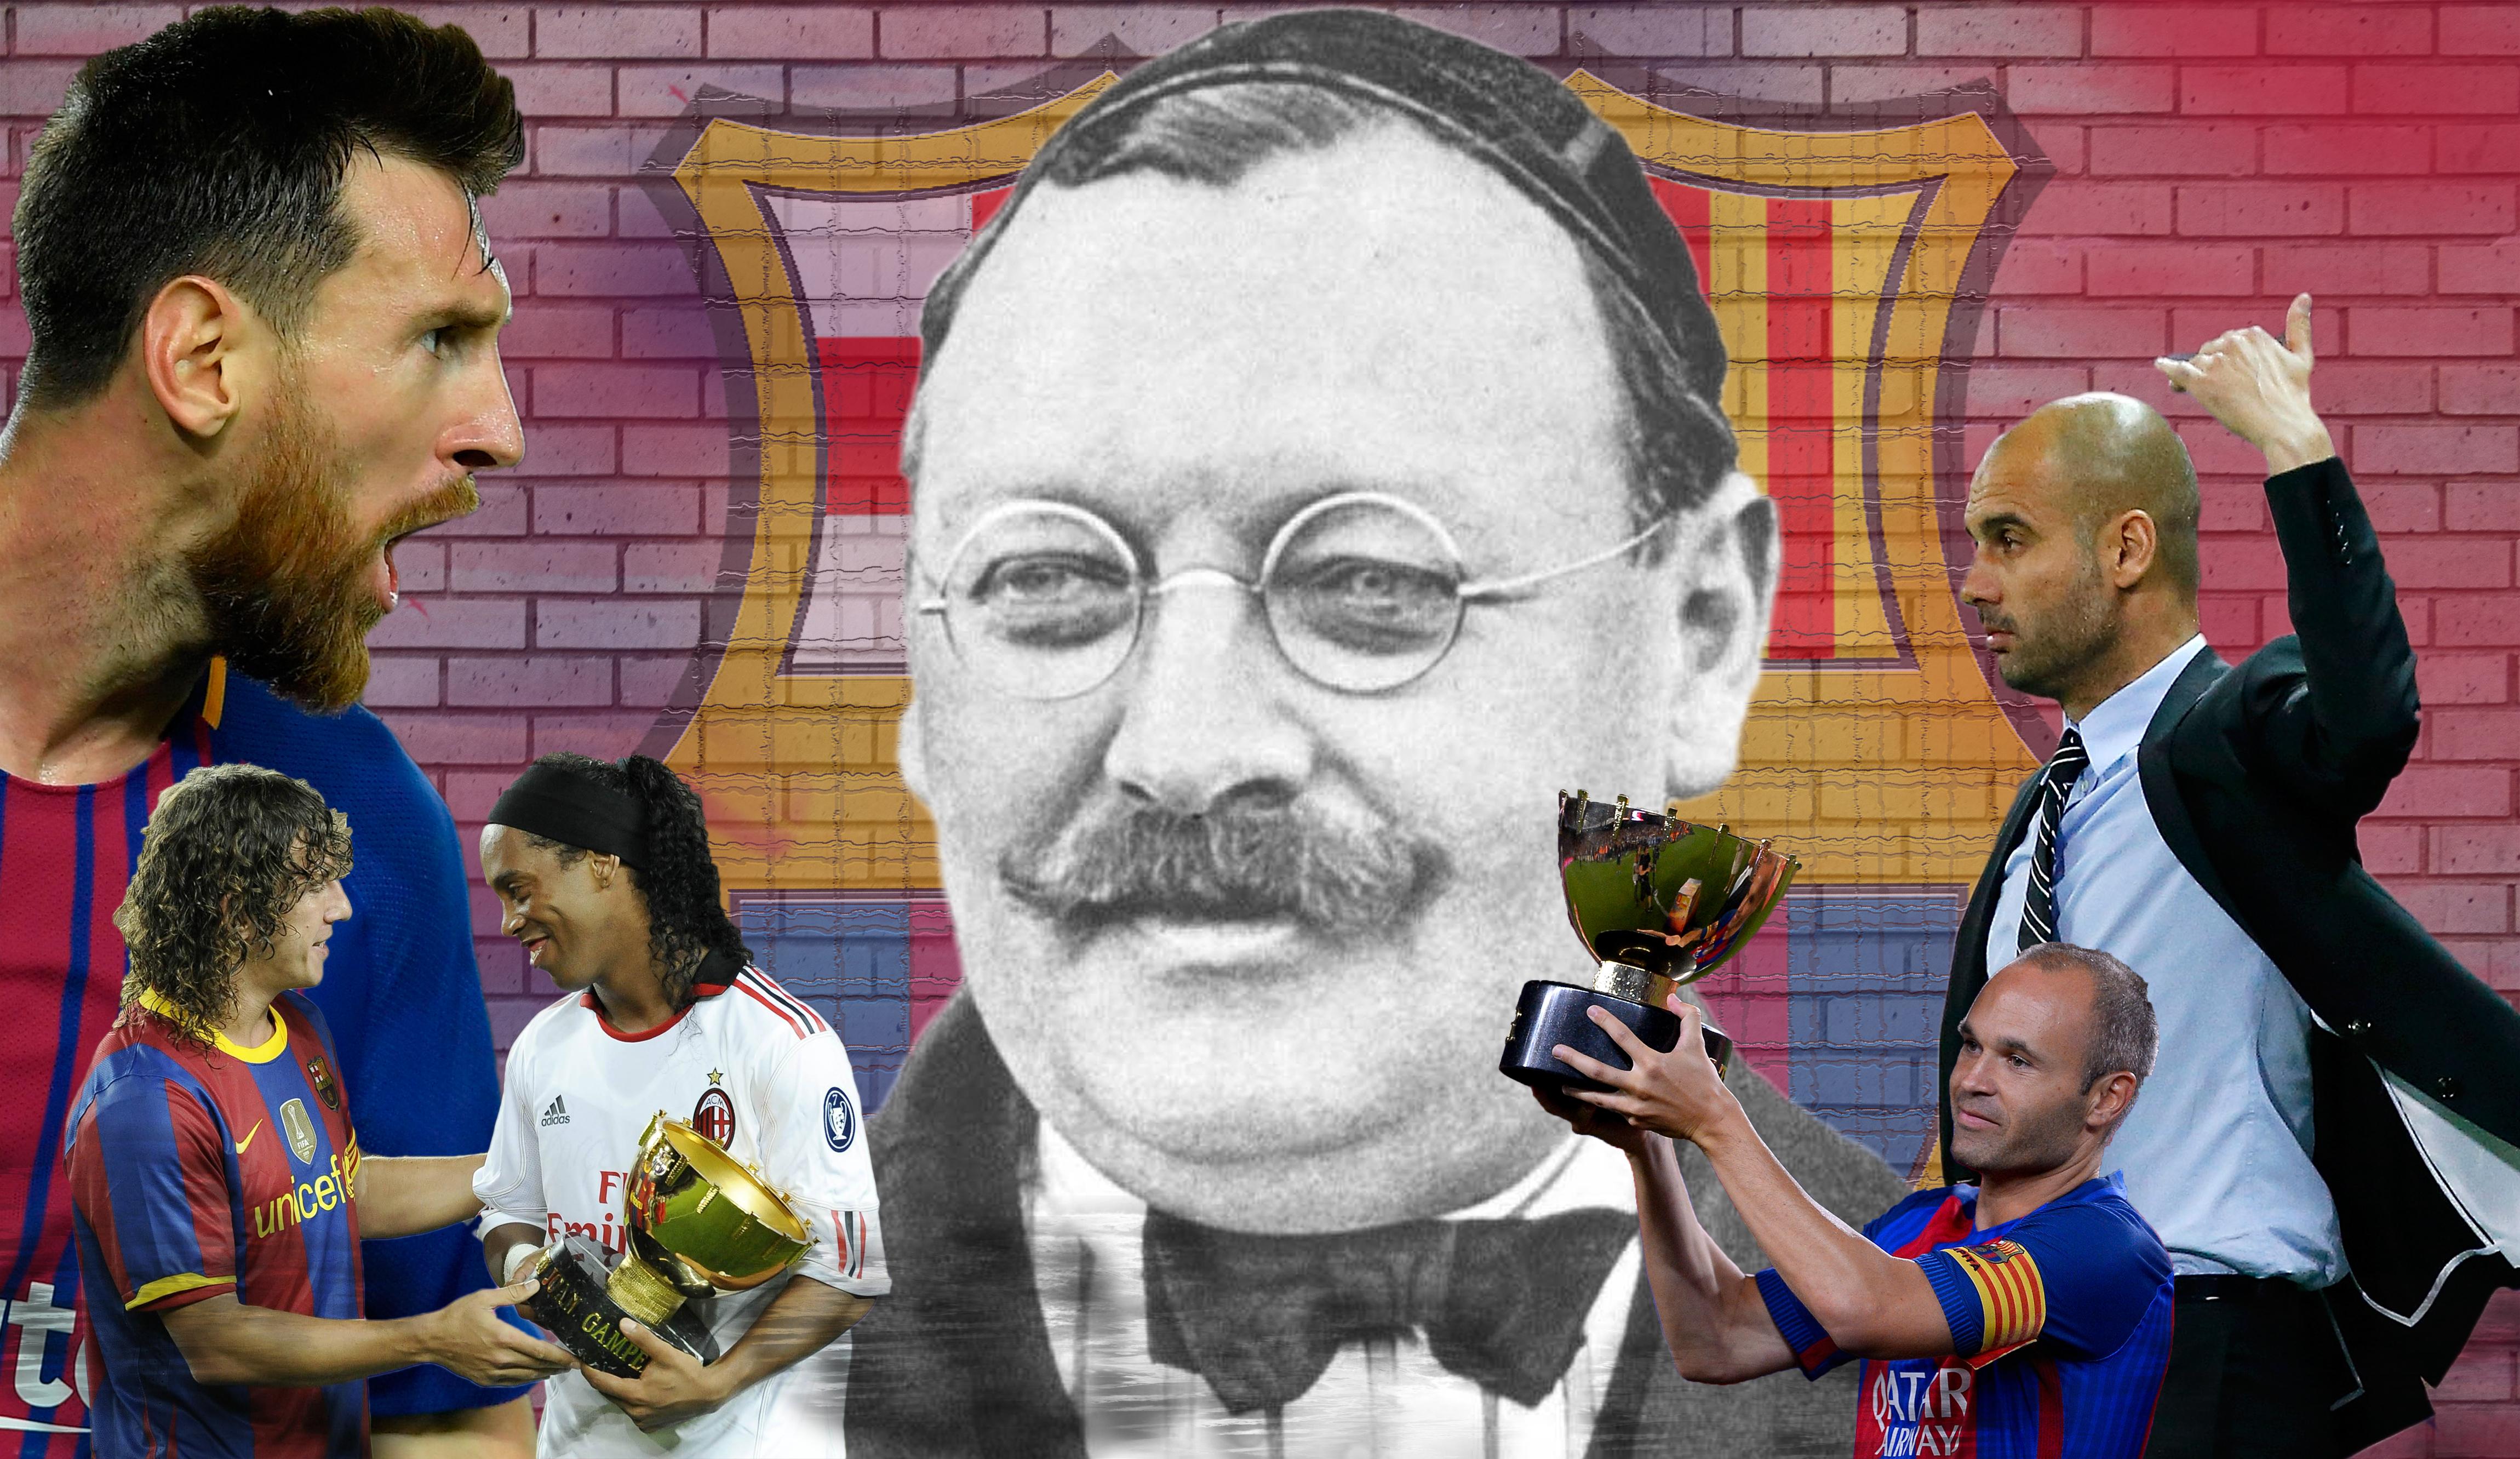 Avant Lyon-Barça, 6 choses à savoir sur Joan Gamper, fondateur du Barça et ancien joueur de Lyon | Goal.com